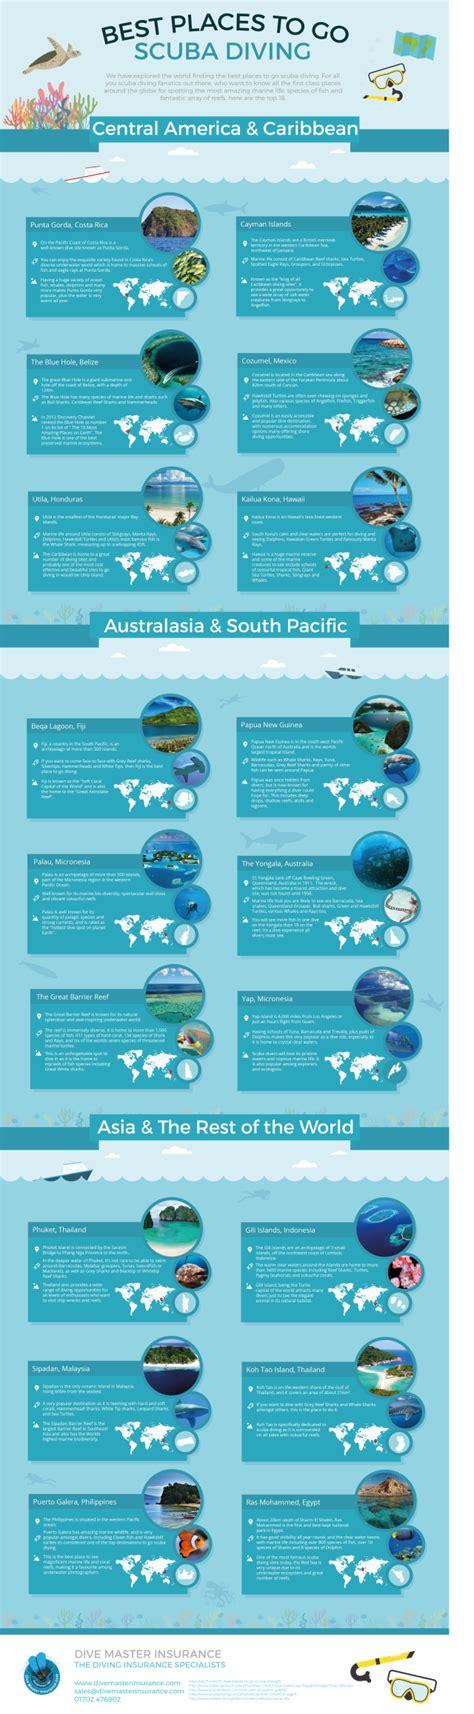 Best Place To Scuba Dive - best places to go scuba diving adventure mummy